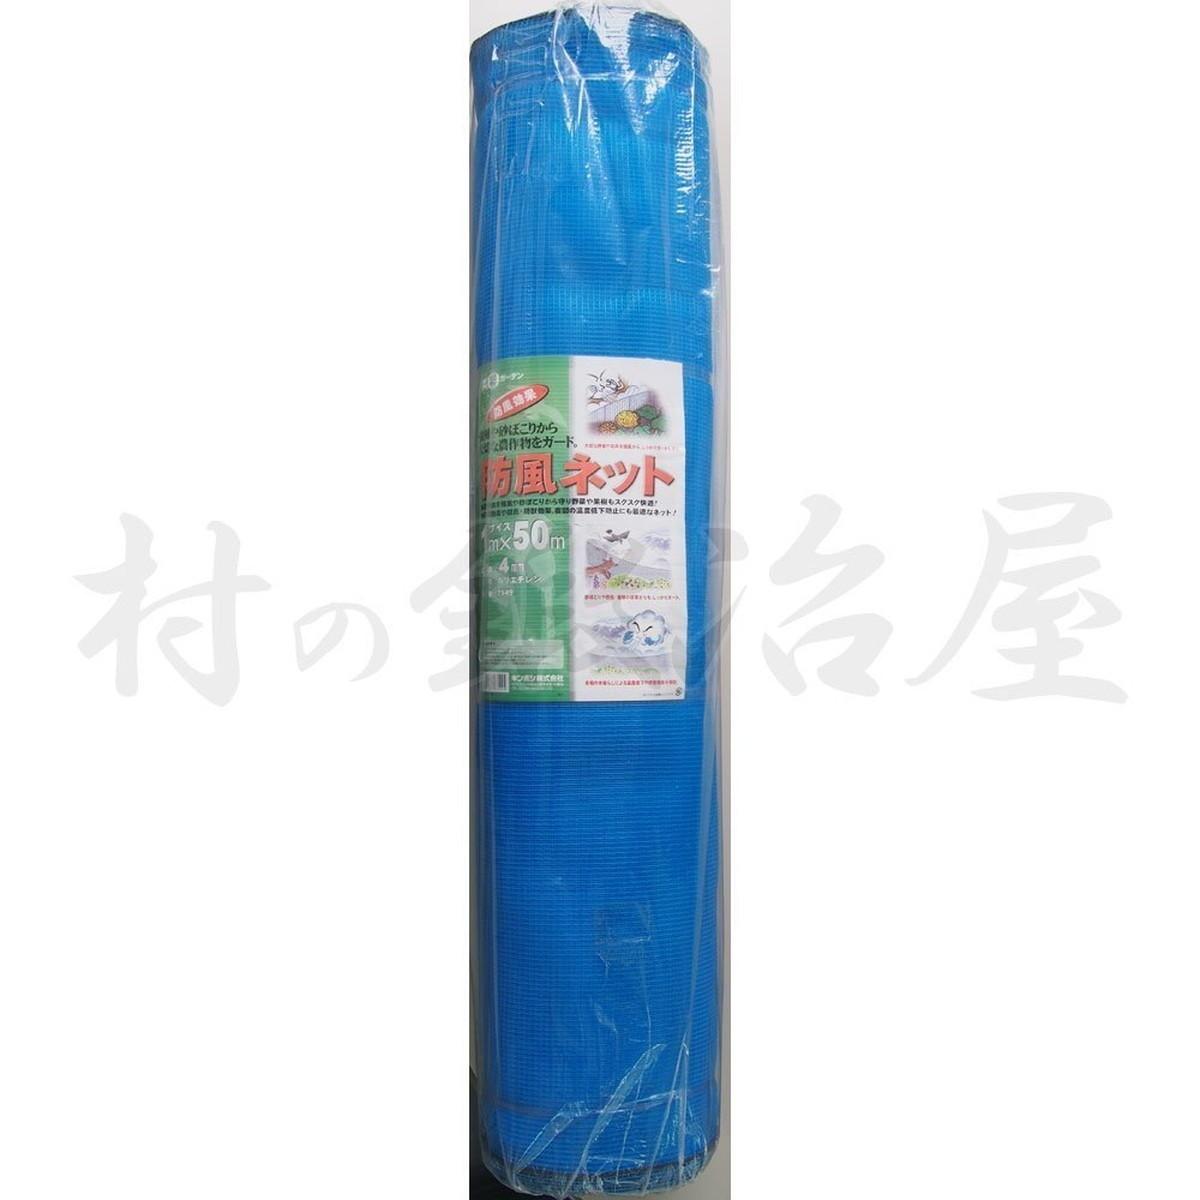 シンセイ 防風ネット(青)4mm目 3m×50m【クーポン配布中】